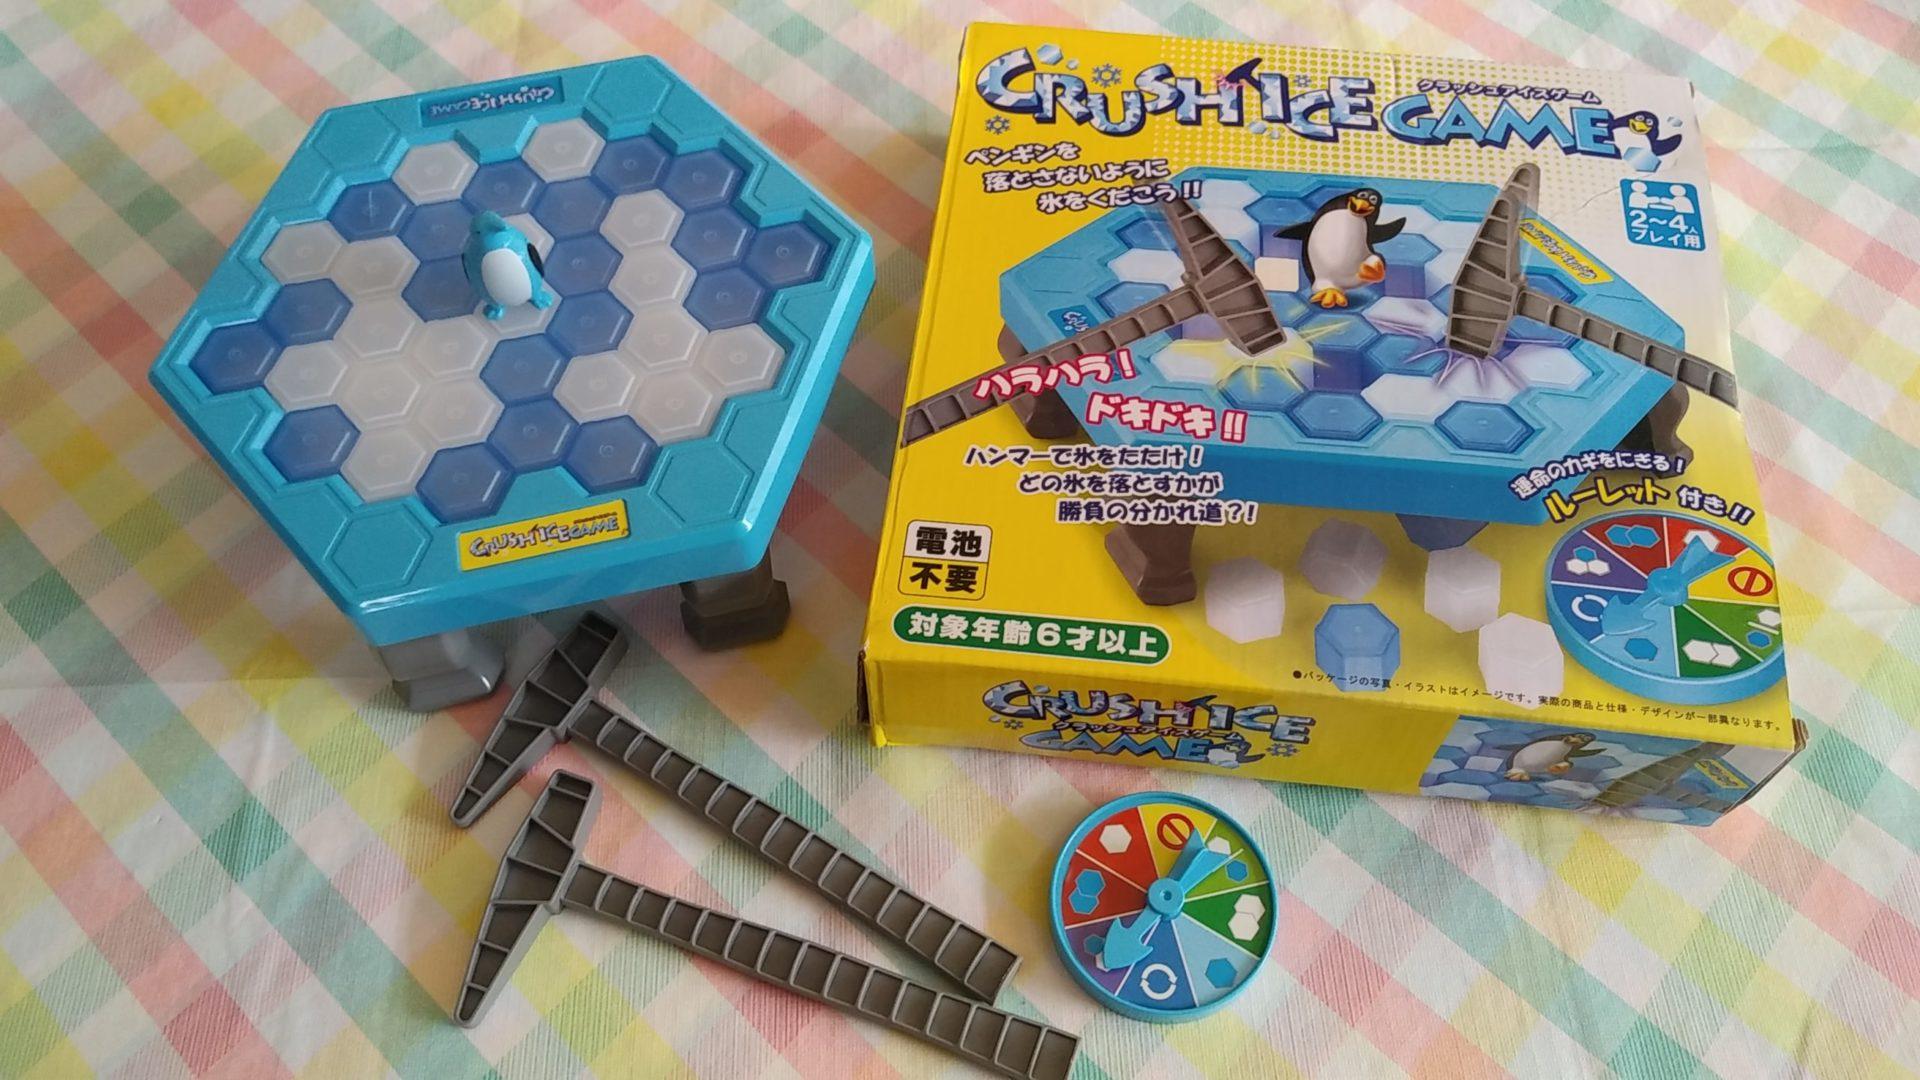 子供だけで遊べるおすすめのボードゲーム、クラッシュアイスゲーム